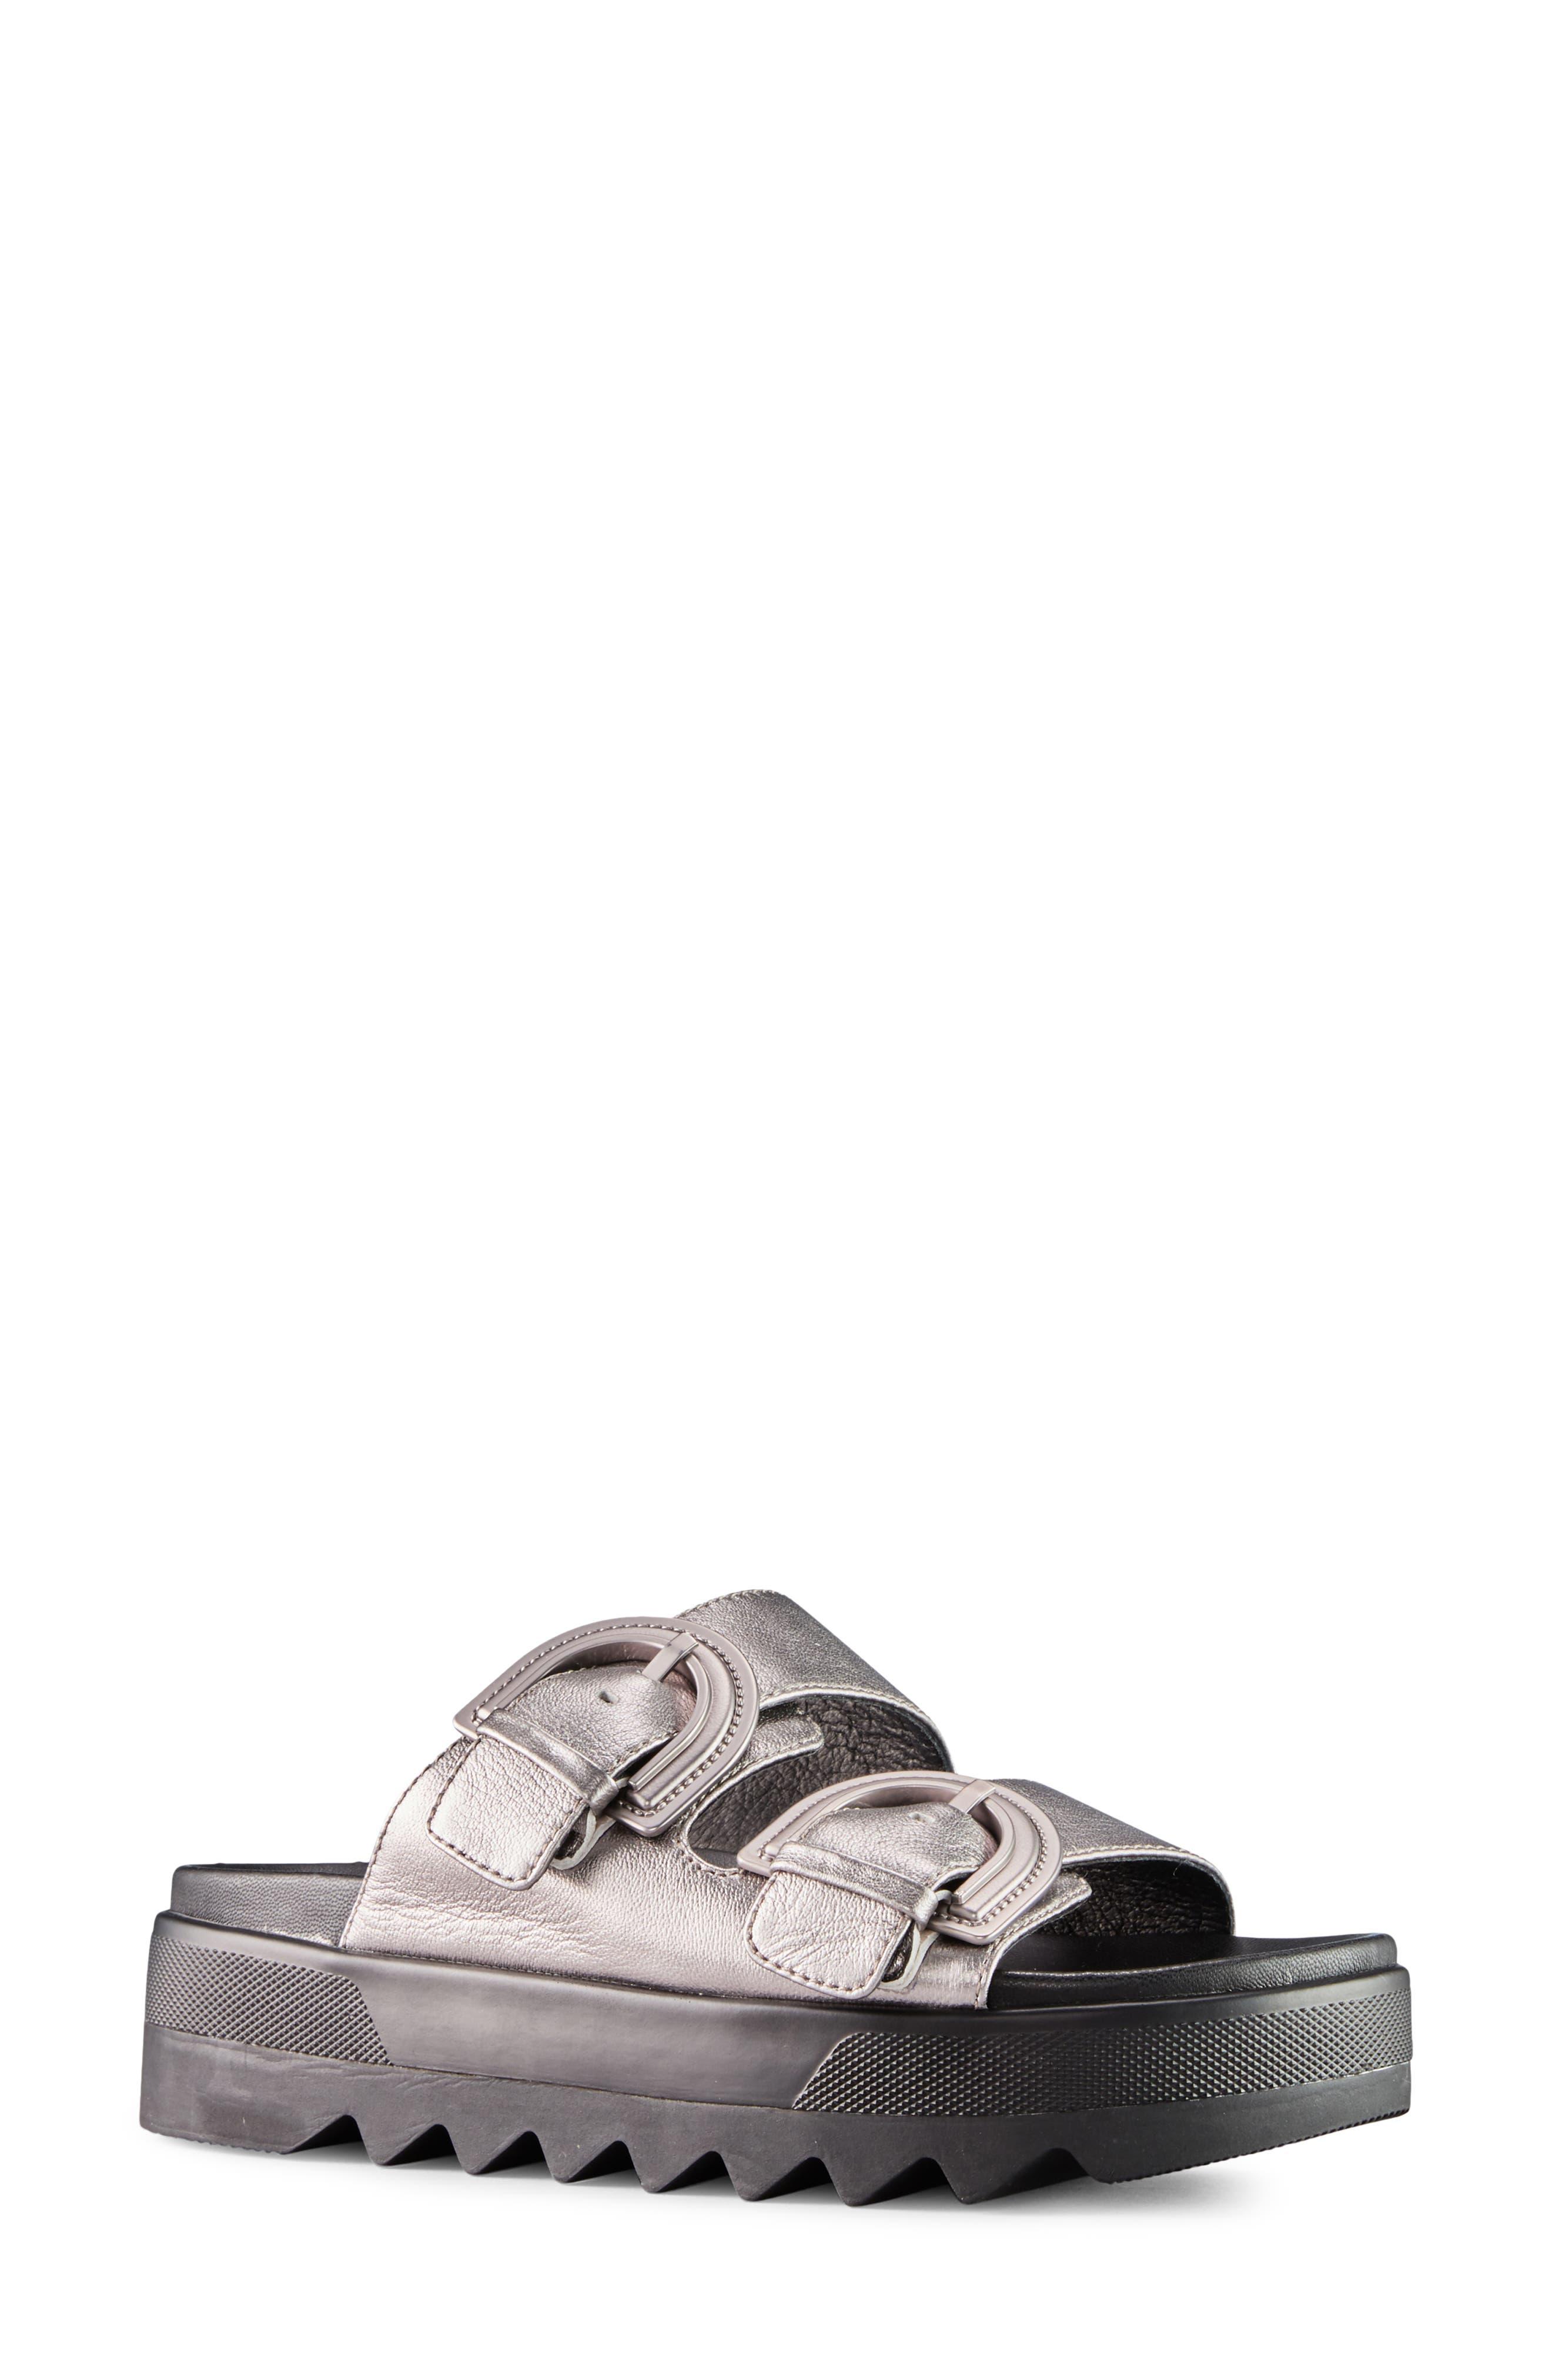 Pepa Slide Sandal